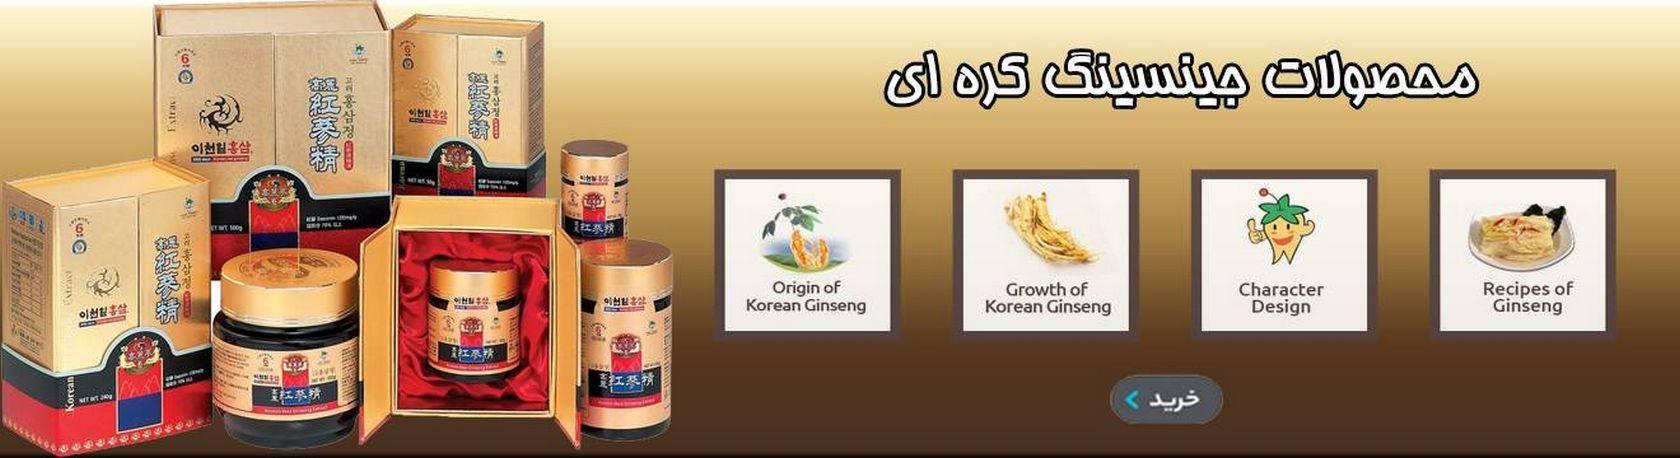 محصولات جینسنگ کره ای - گانودرما - رویال ژل - شاخ گوزن